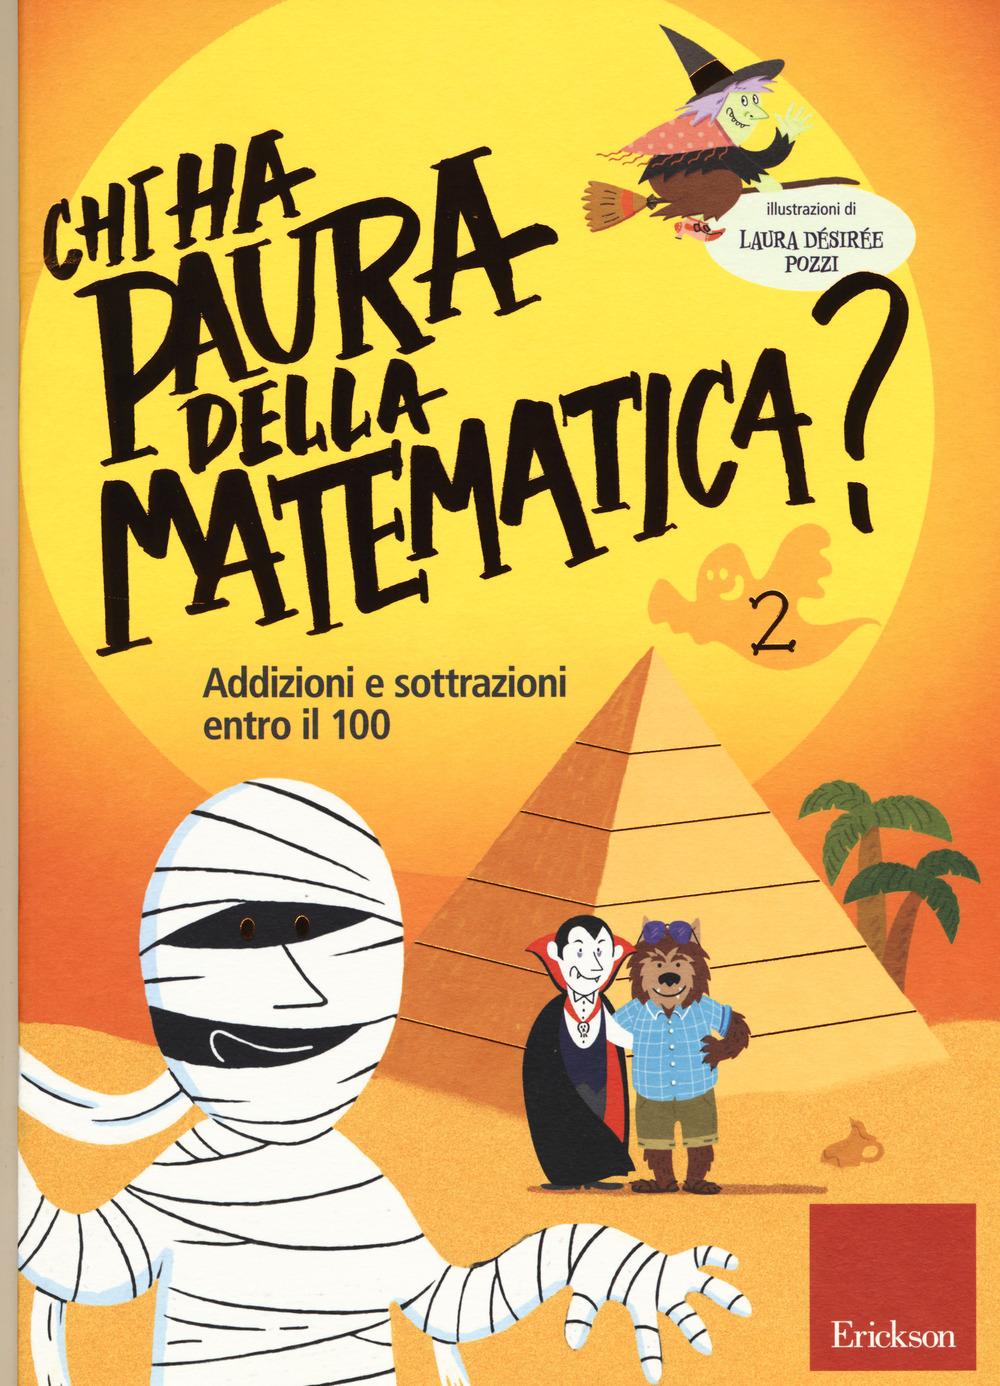 Chi ha paura della matematica? Ediz. a colori. Vol. 2: Addizioni e sottrazioni entro il 100